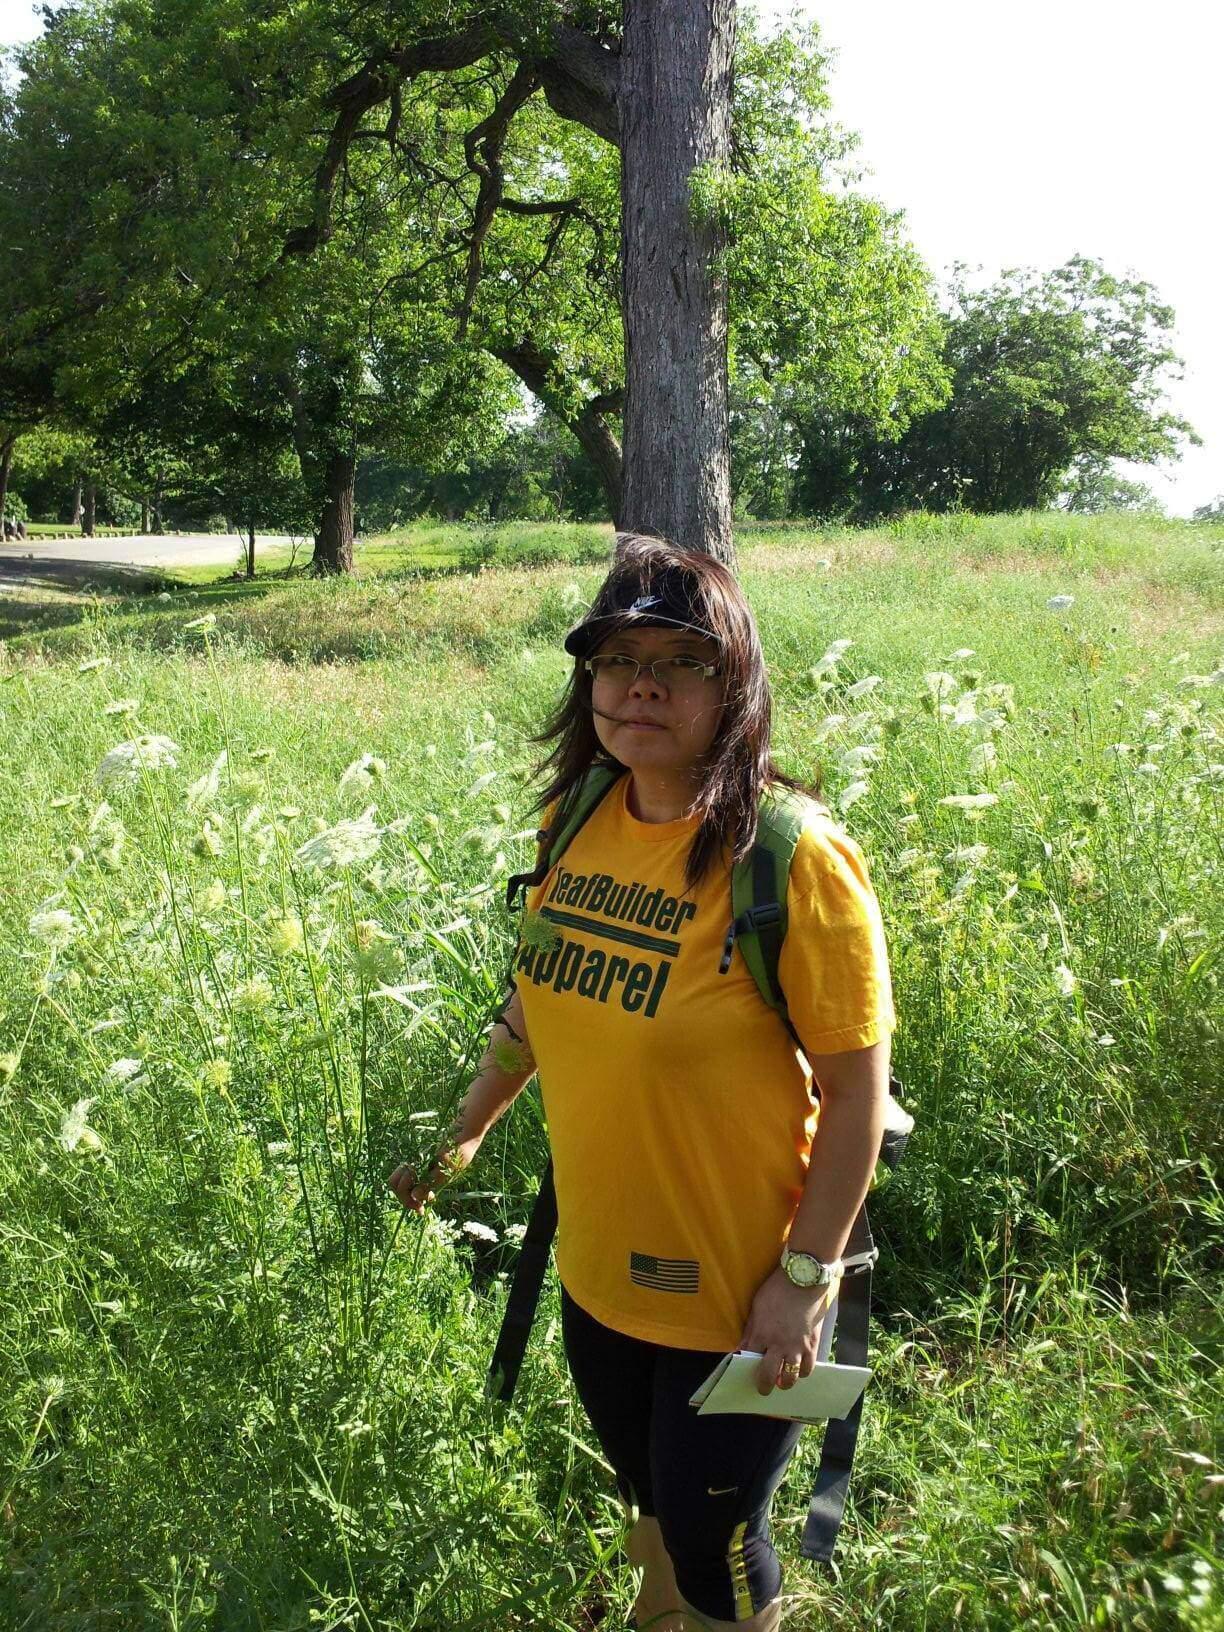 Enjoying Nature At White Rock Lake Park